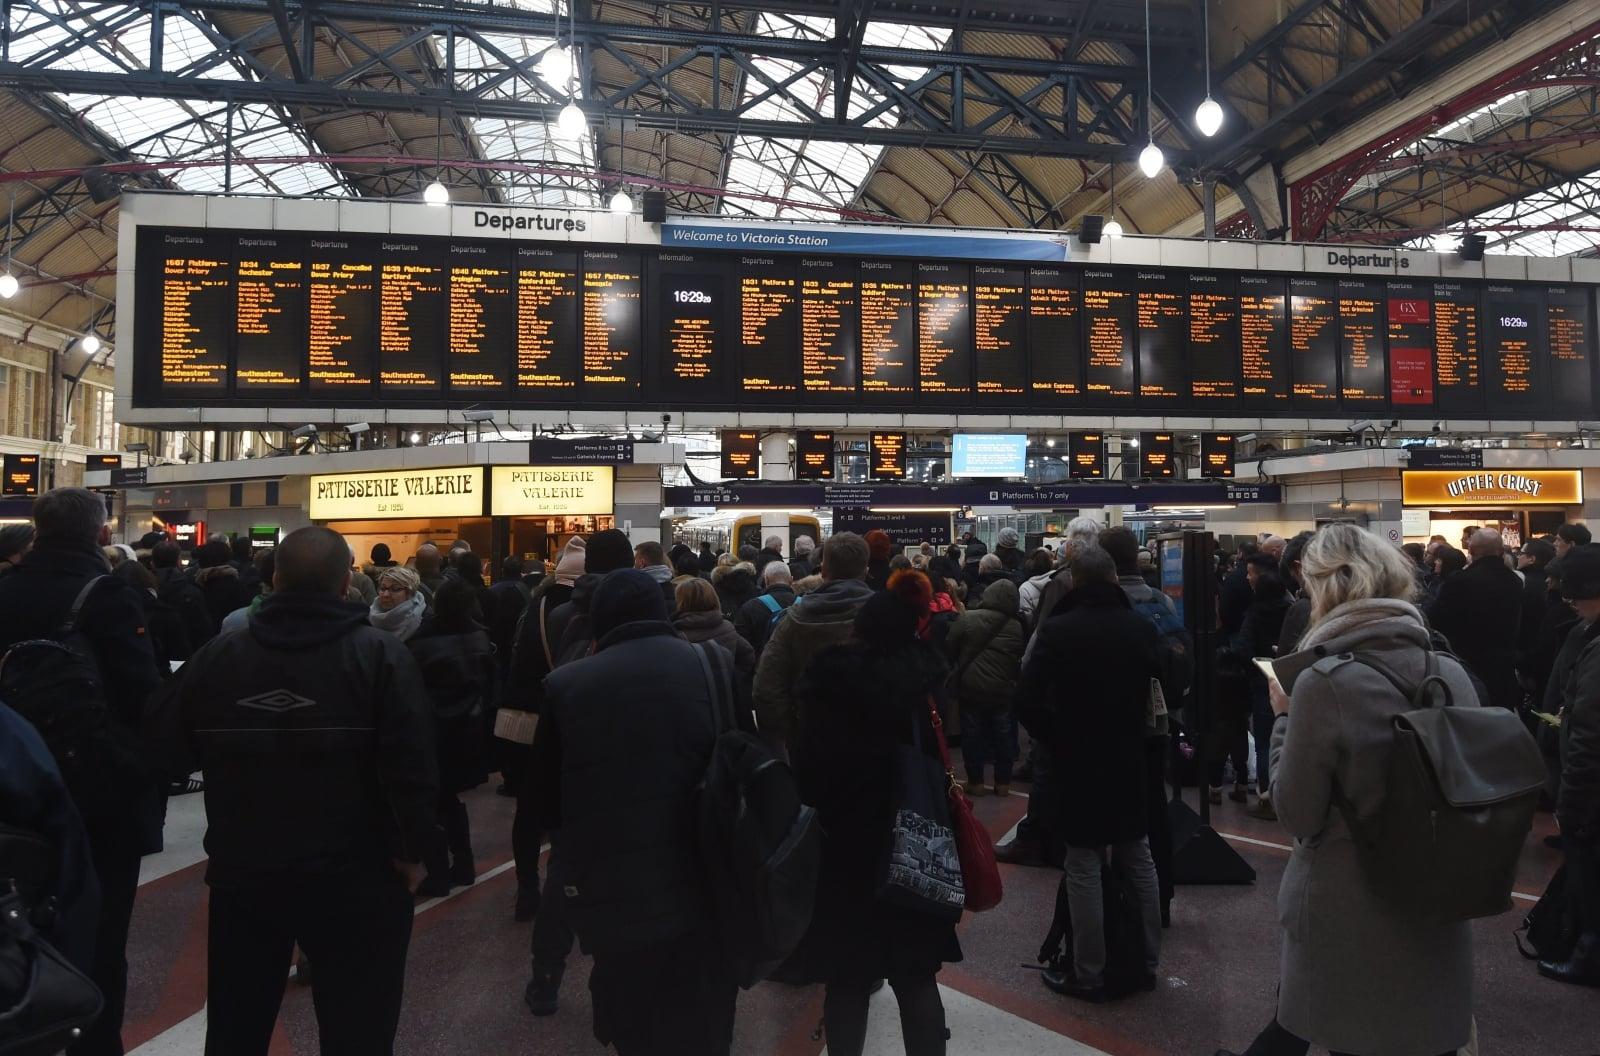 Opóźnienia pociągów w londyńskiej stacji Victoria, Wielka Brytania, fot. EPA/FACUNDO ARRIZABALAGA